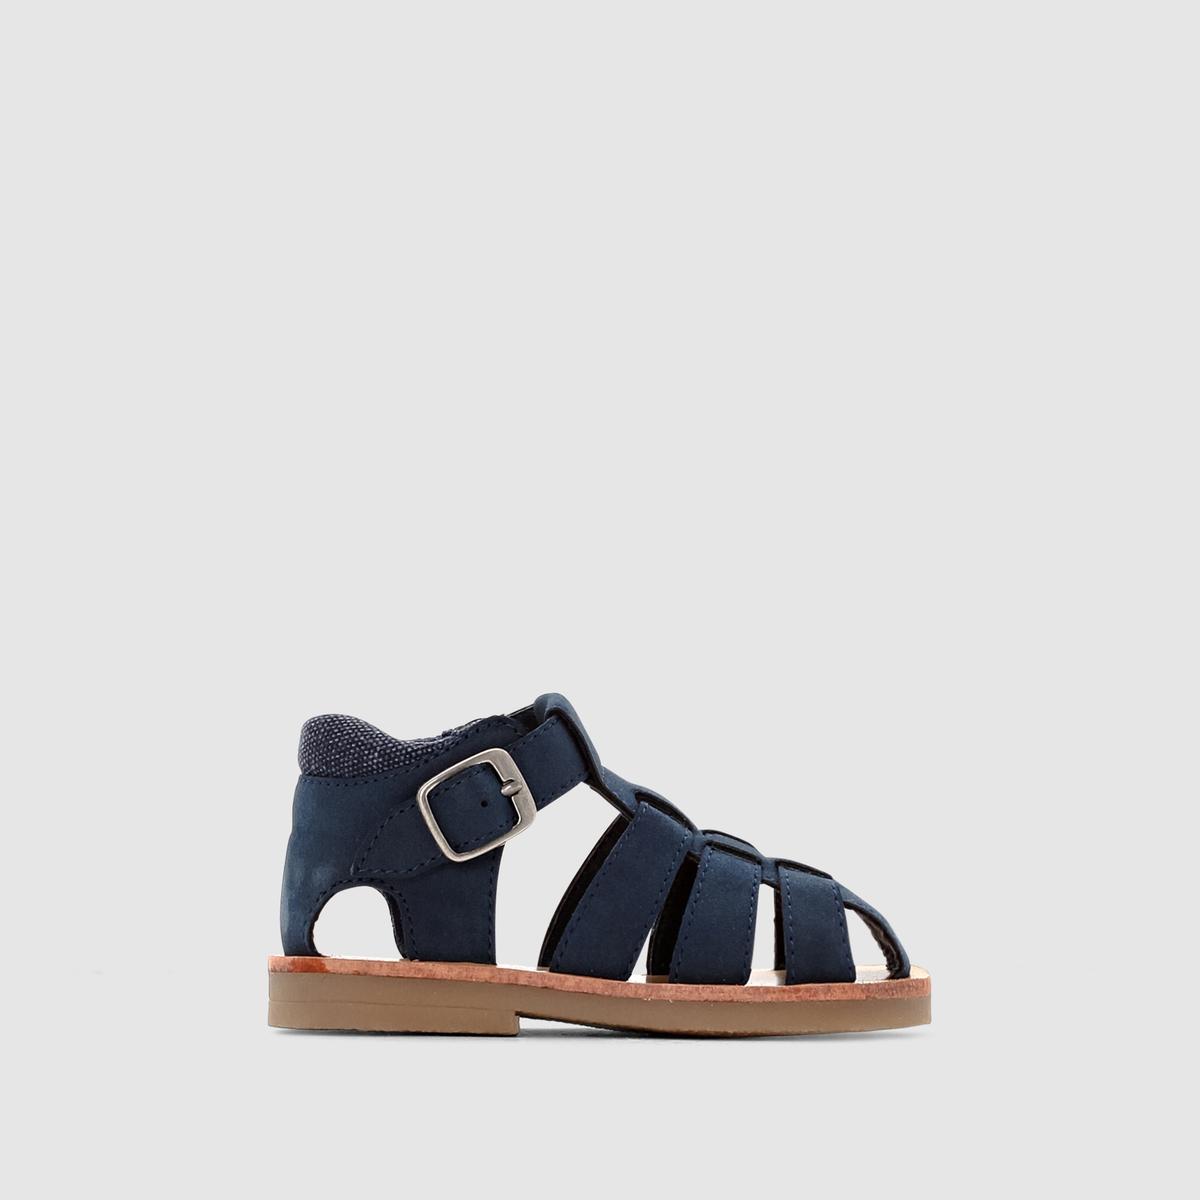 Купить со скидкой Босоножки на плоском каблуке Besan, размеры 19-25